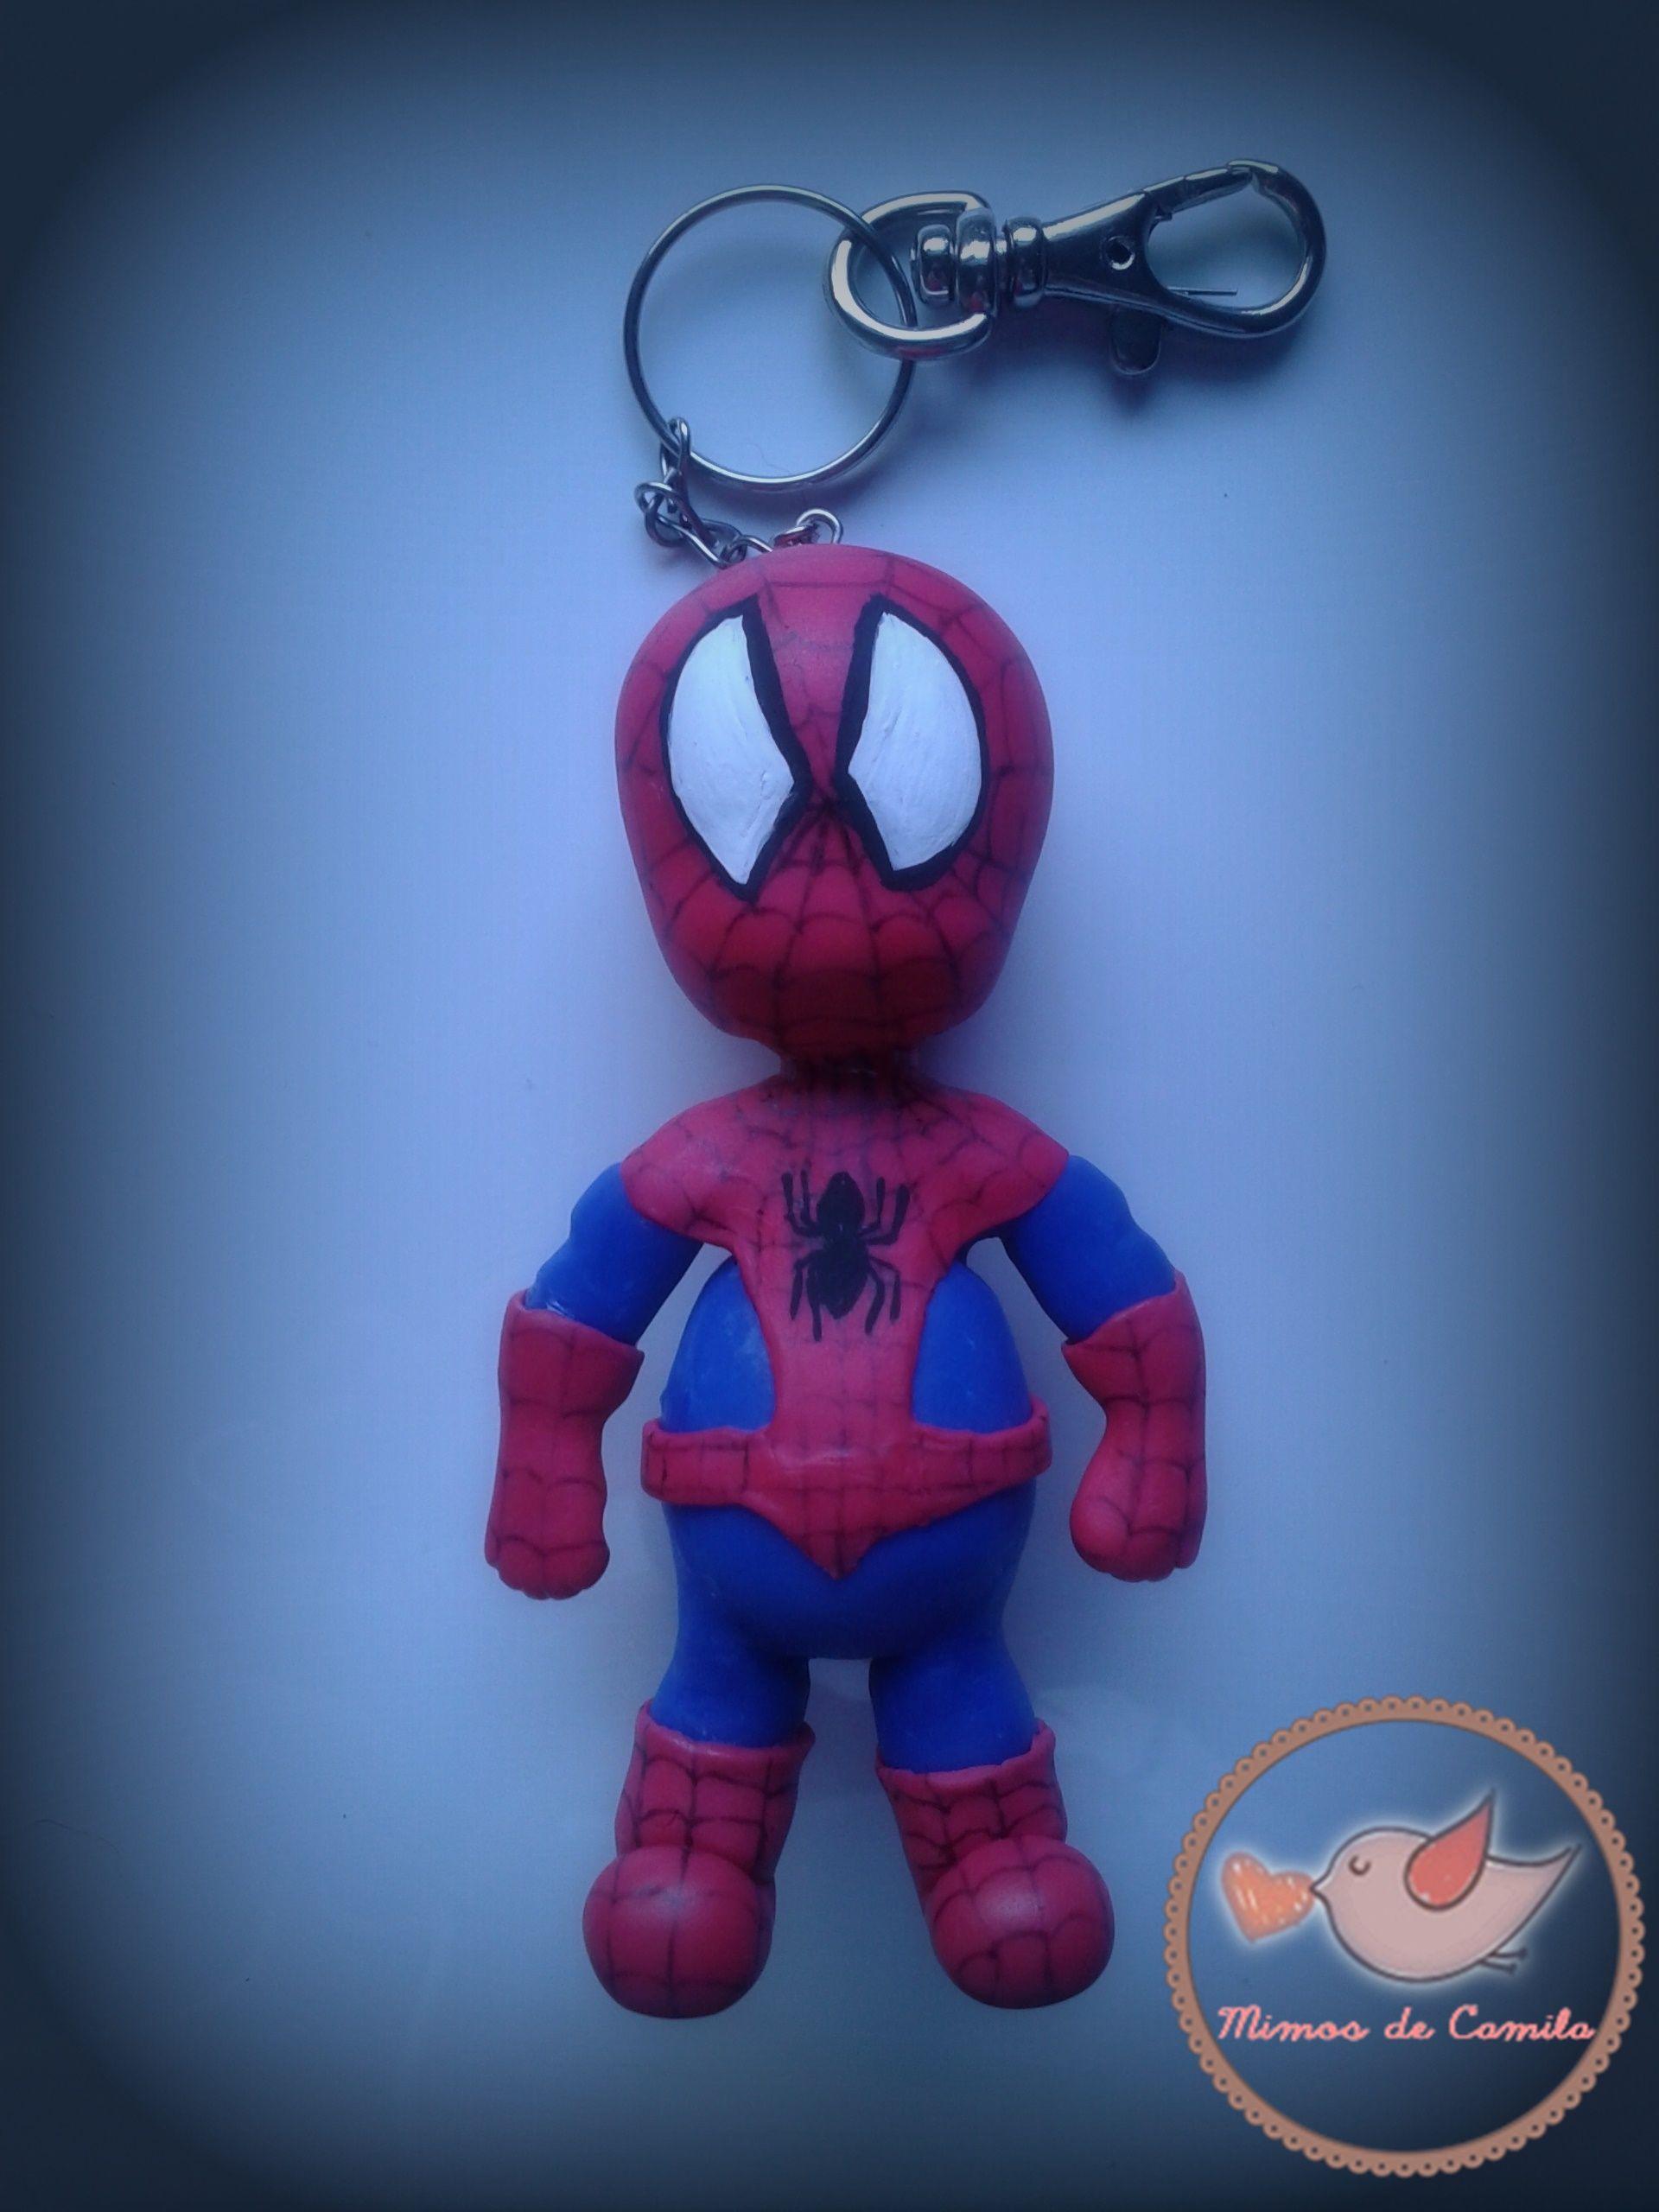 Homem Aranha fofinho / Cute Spiderman *-* Porcelana Fria / Cold Porcelain